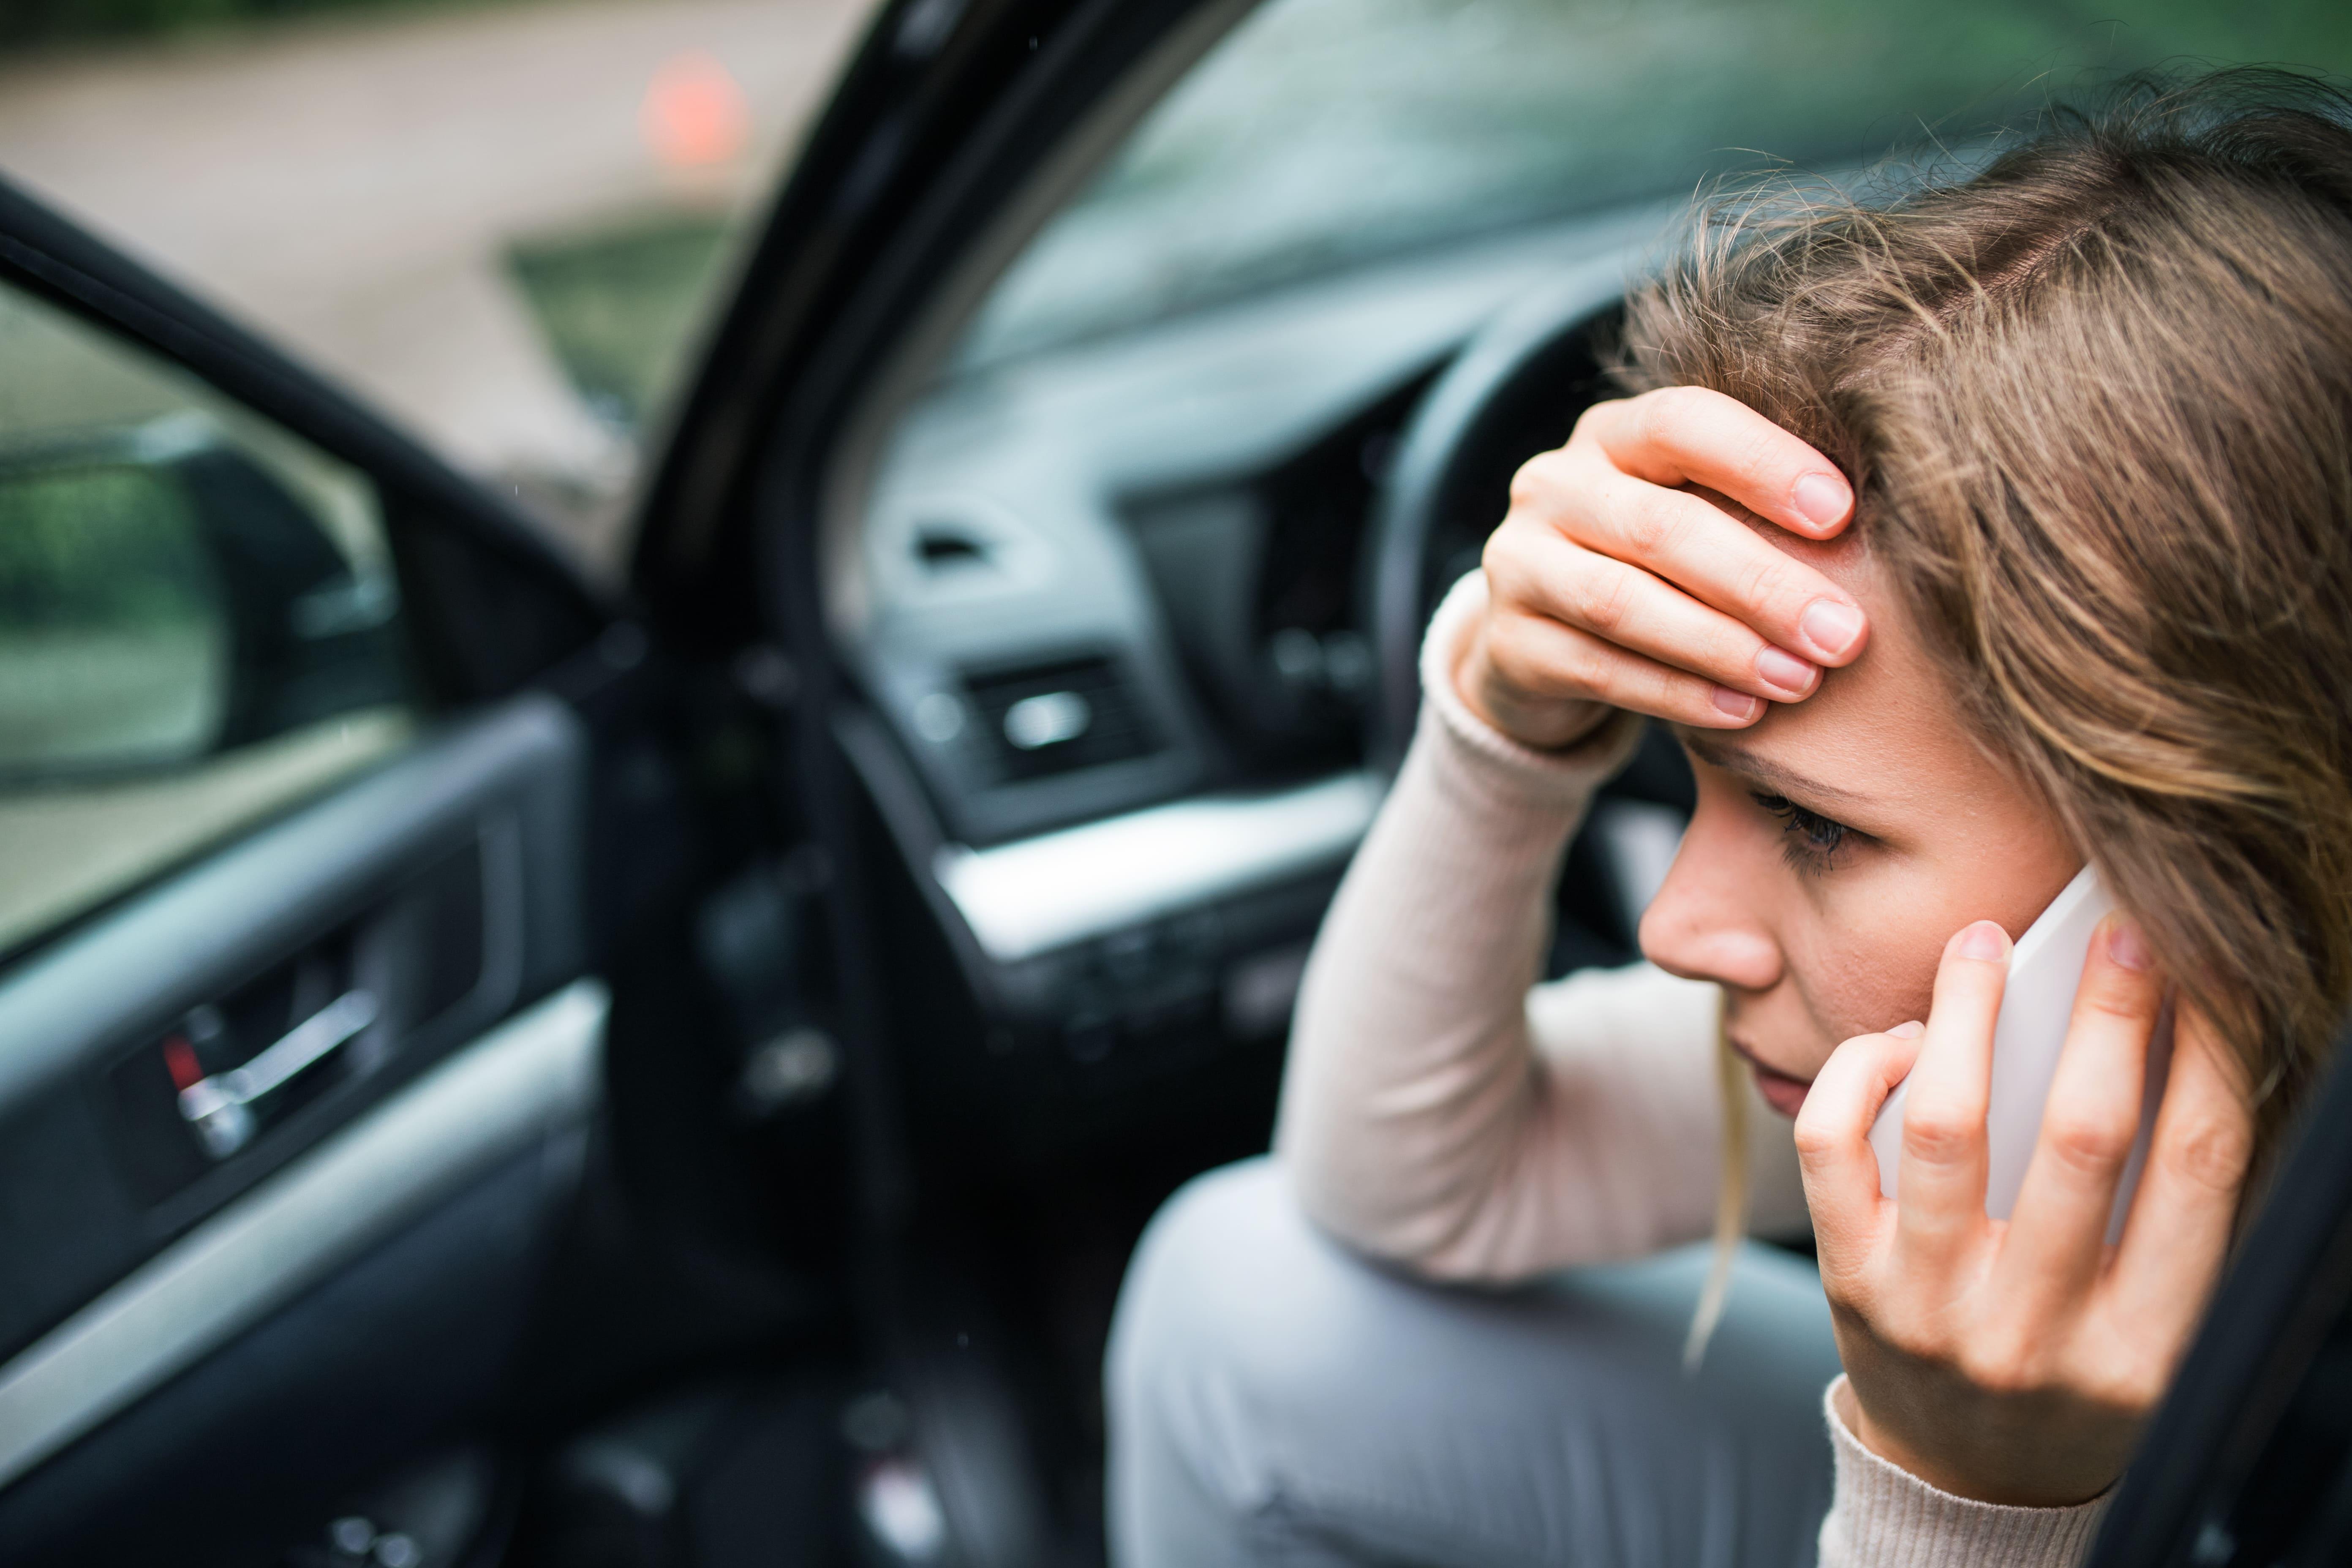 Si Alguien Tiene un Accidente Conduciendo su Auto, ¿Tiene Usted la Responsabilidad?